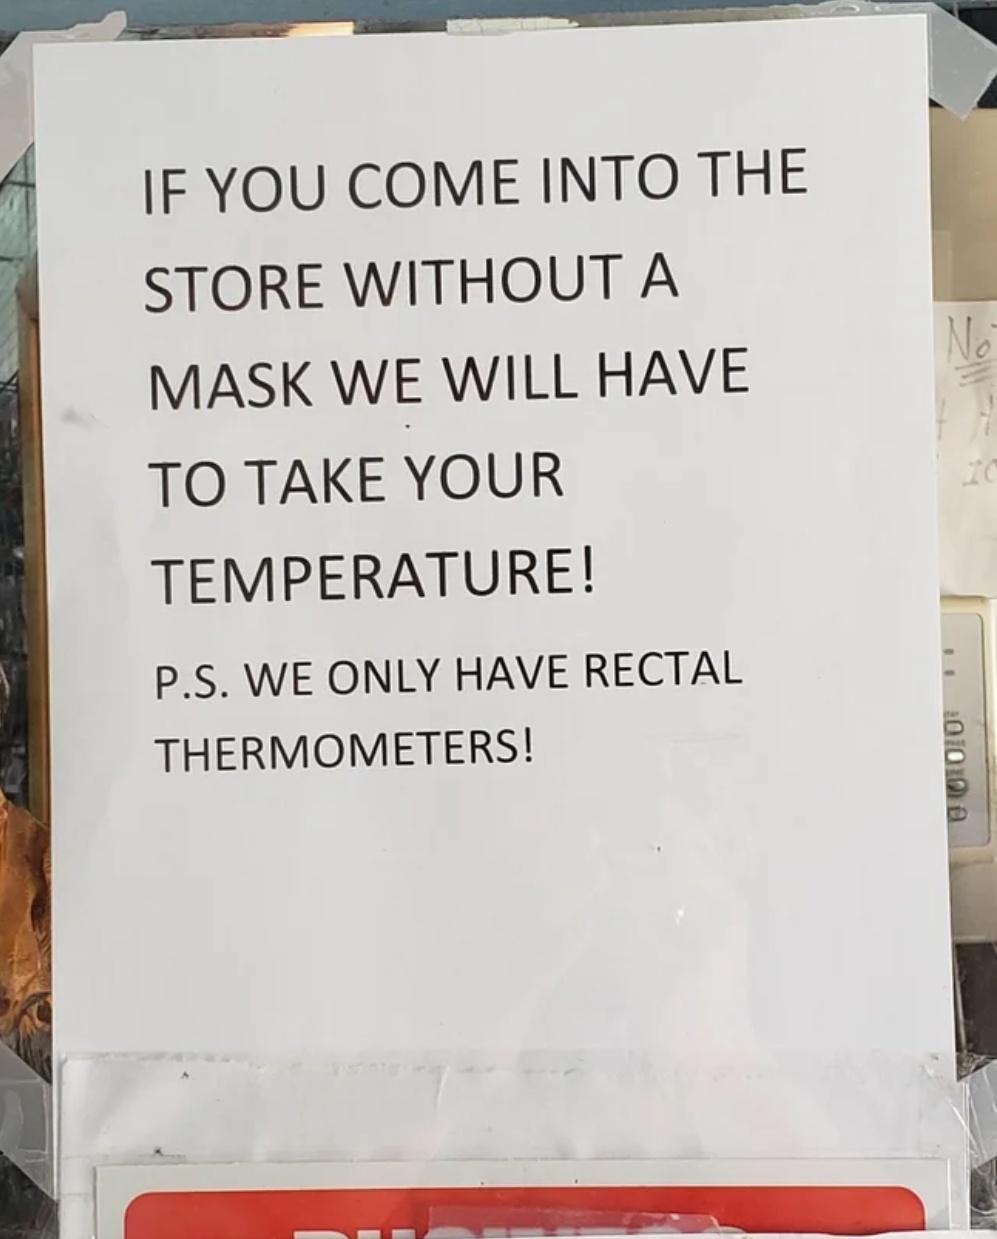 Si entras en la tienda sin mascarilla, ¡tendremos que tomarte la temperatura! PD: Solo tenemos termómetros rectales